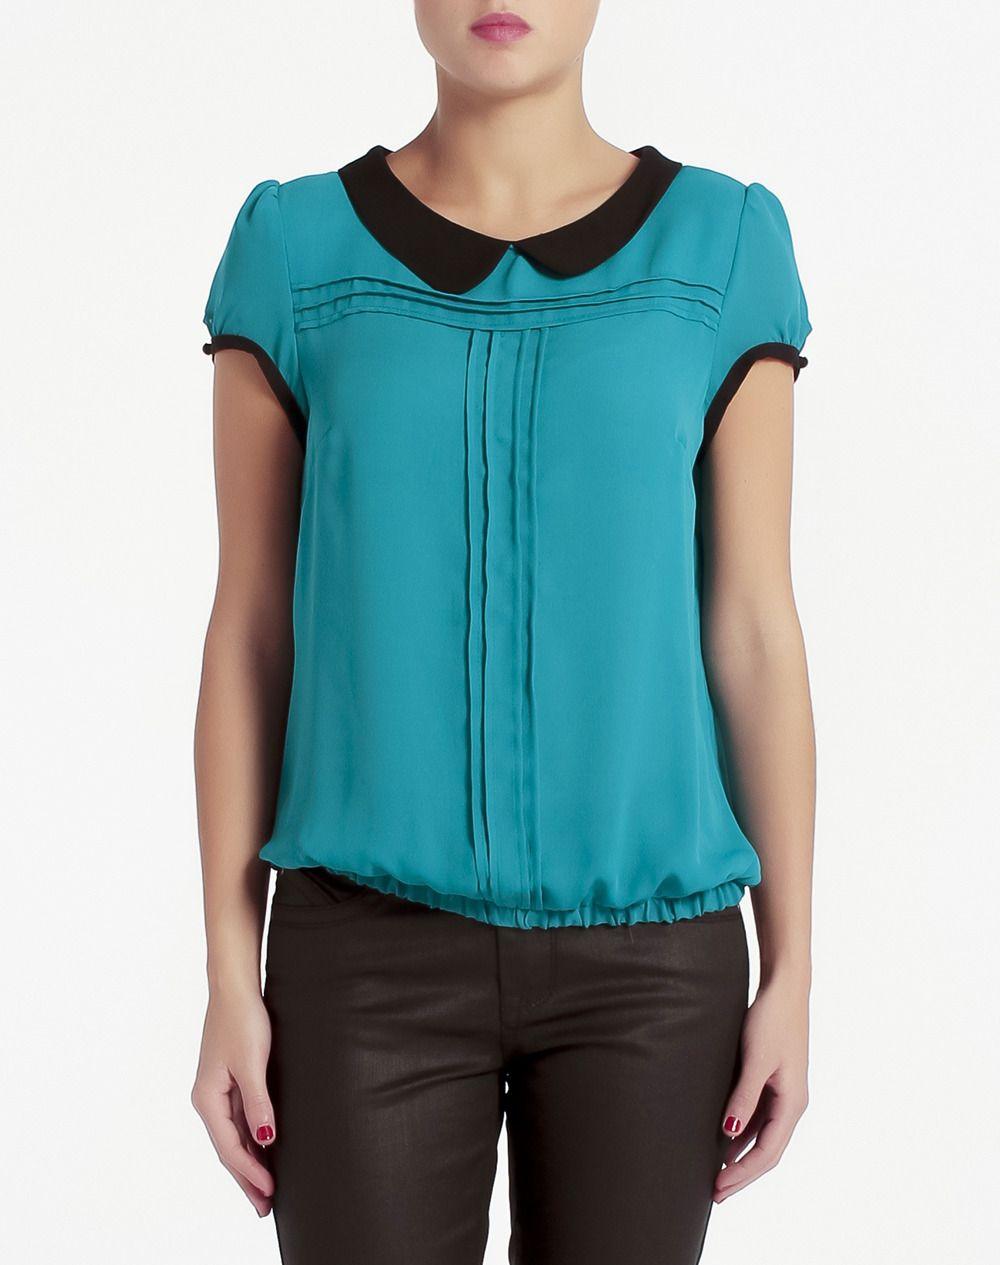 9eb5c6f8f Blusa de mujer Fórmul  Joven - Mujer - Blusas y Camisas - El Corte Inglés -  Moda